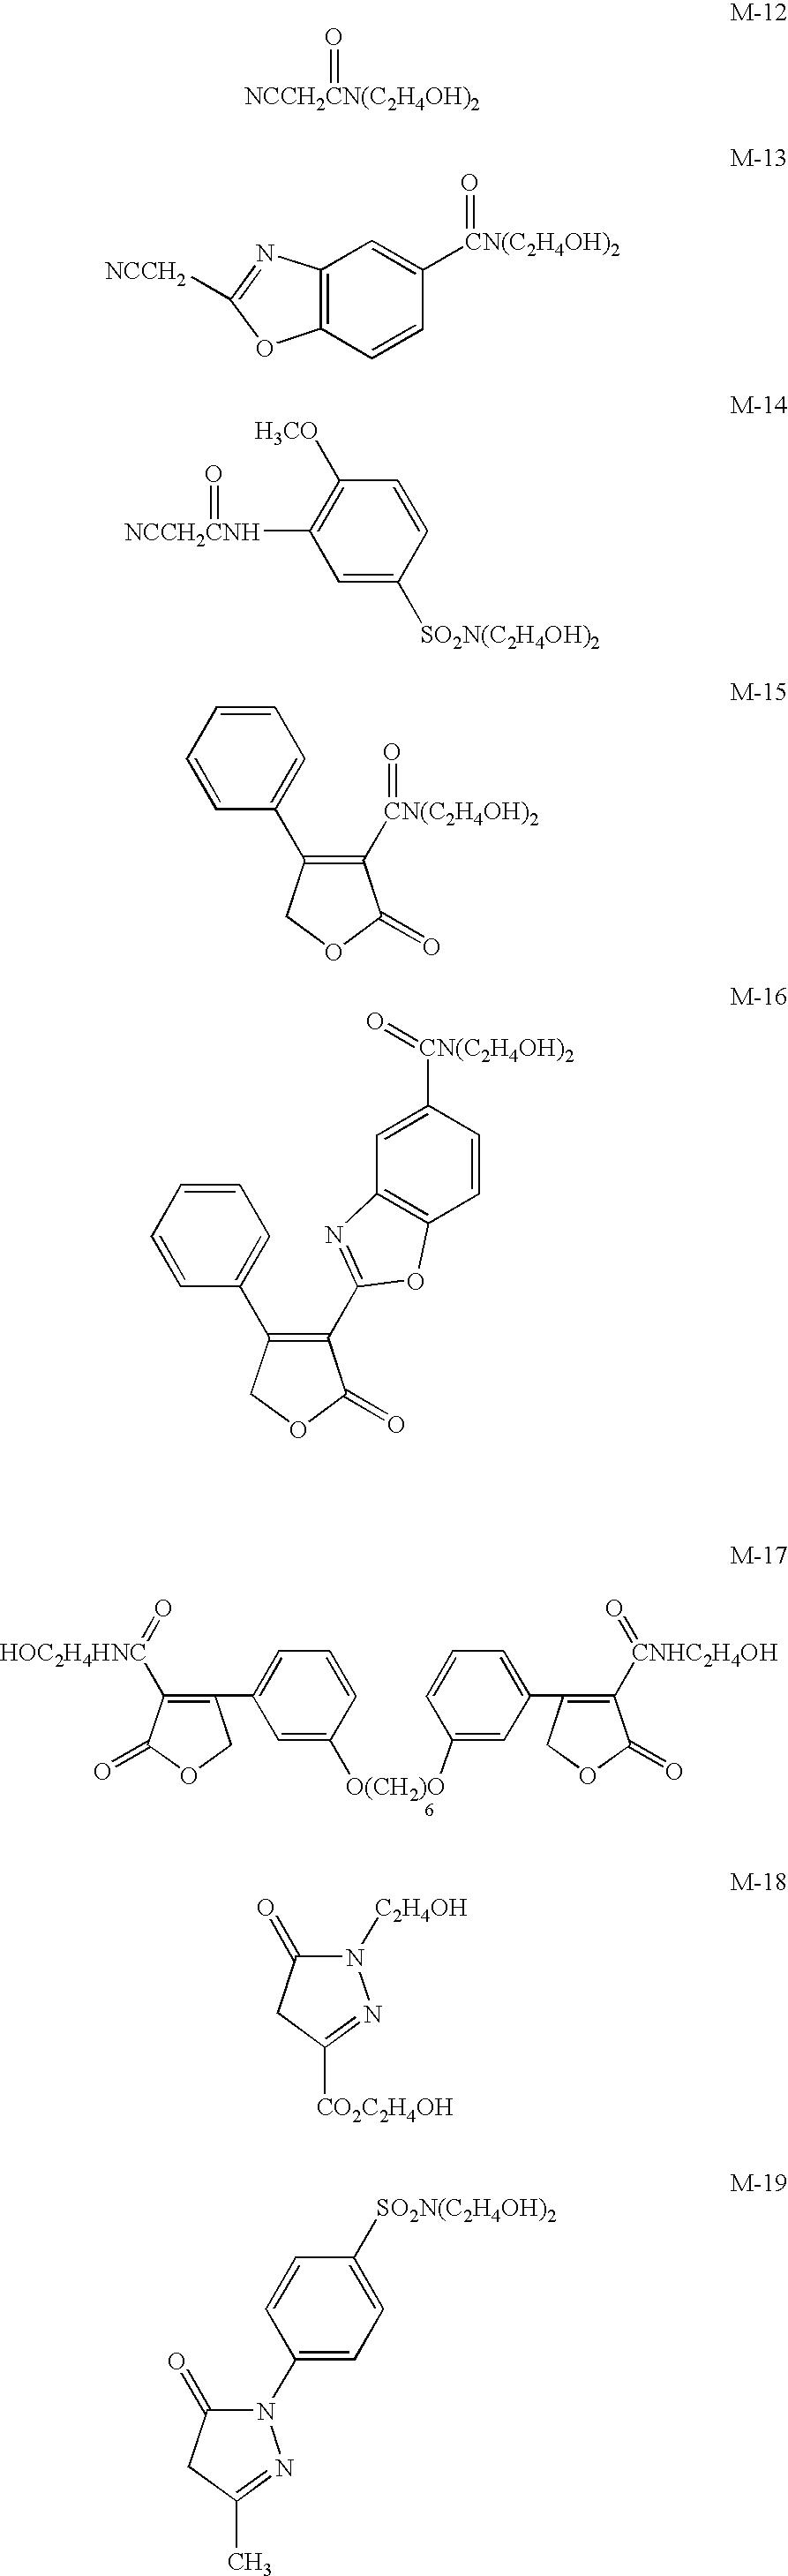 Figure US20070287822A1-20071213-C00019